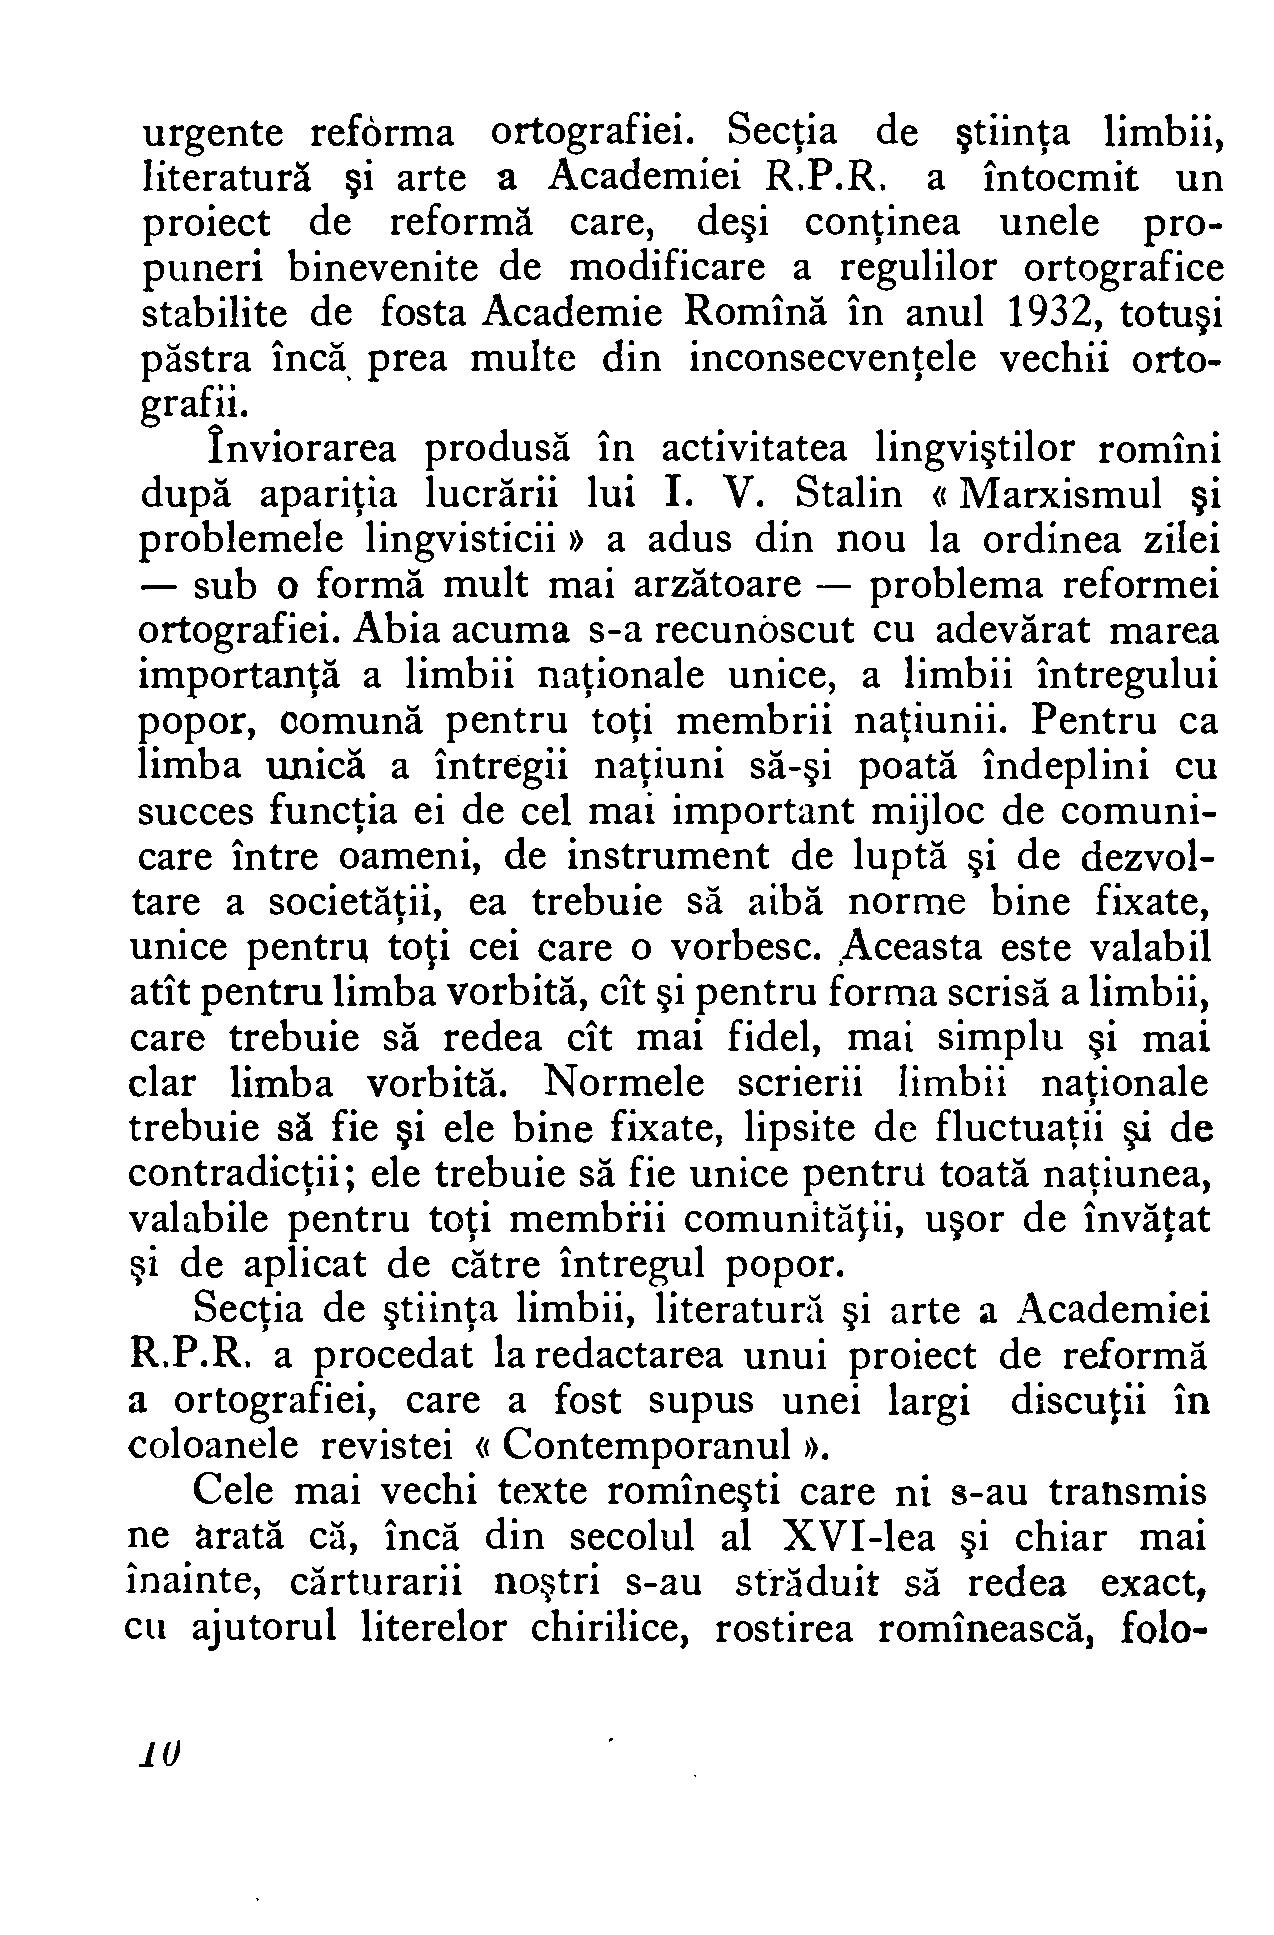 1954 - Mic dicționar ortografic (8).png